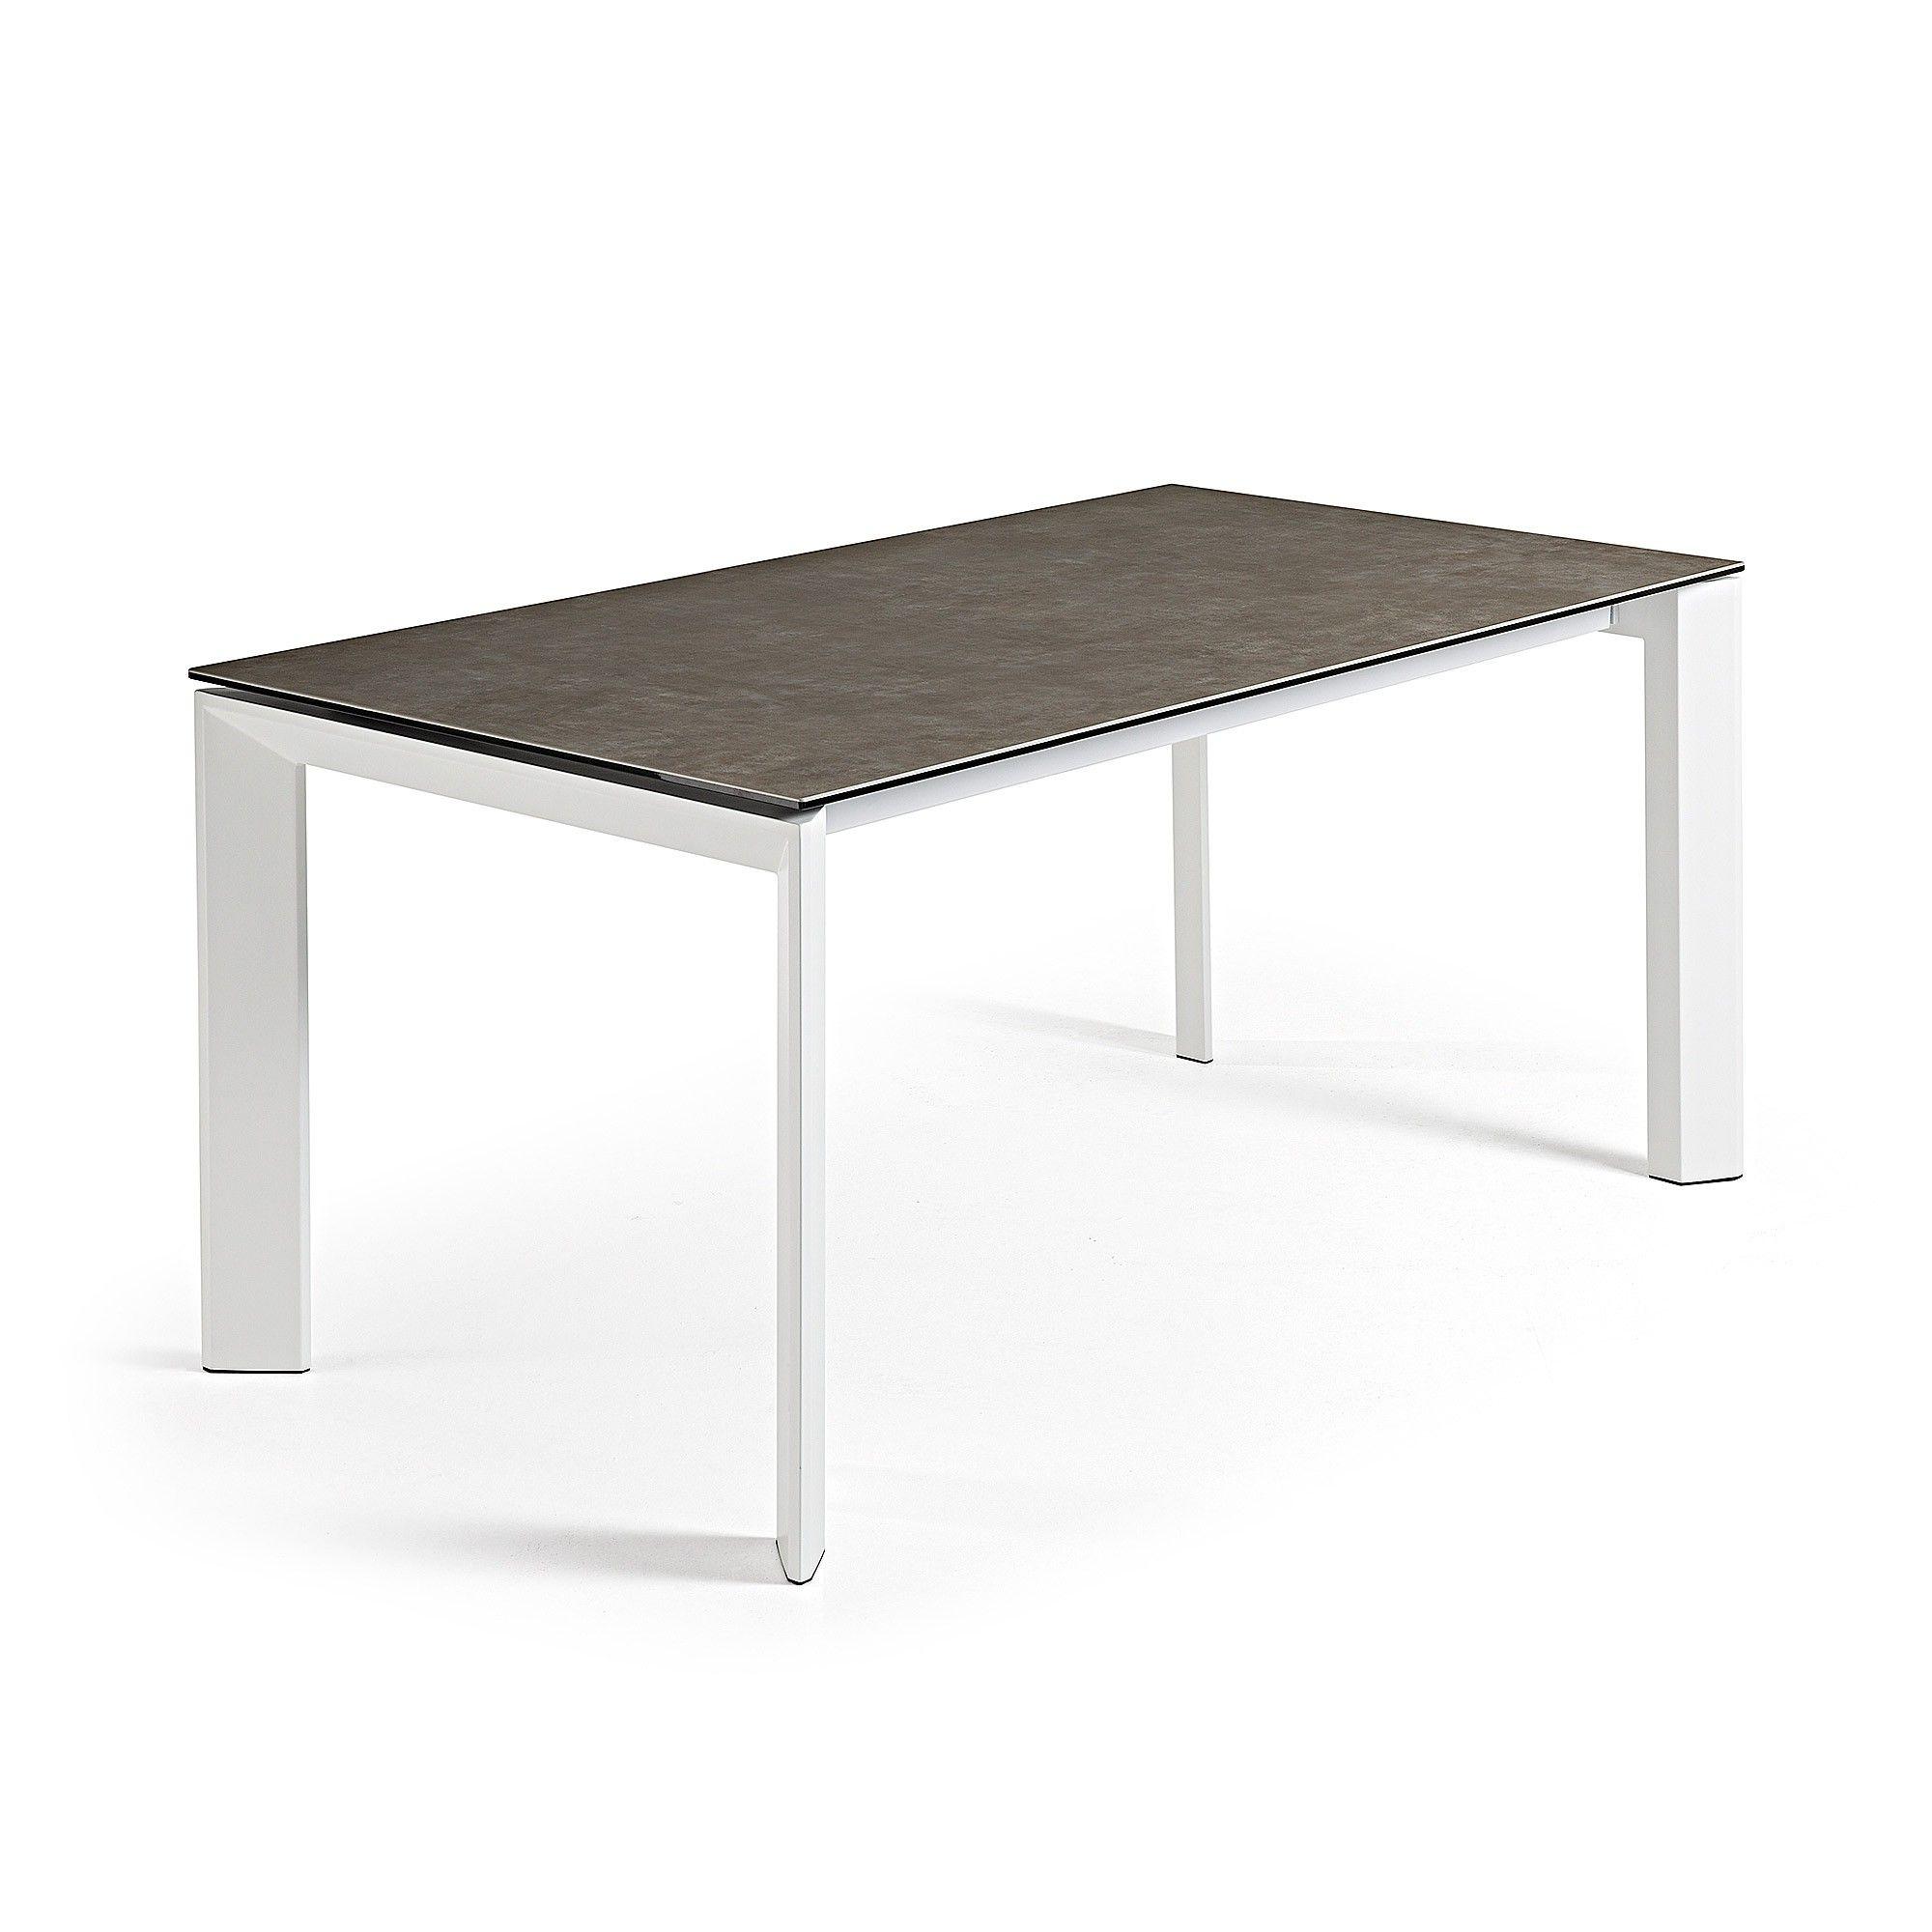 Mesa Extensible Axis Vulcano Ceniza Y Blanco 160 220 X90  # Muebles Vulcano